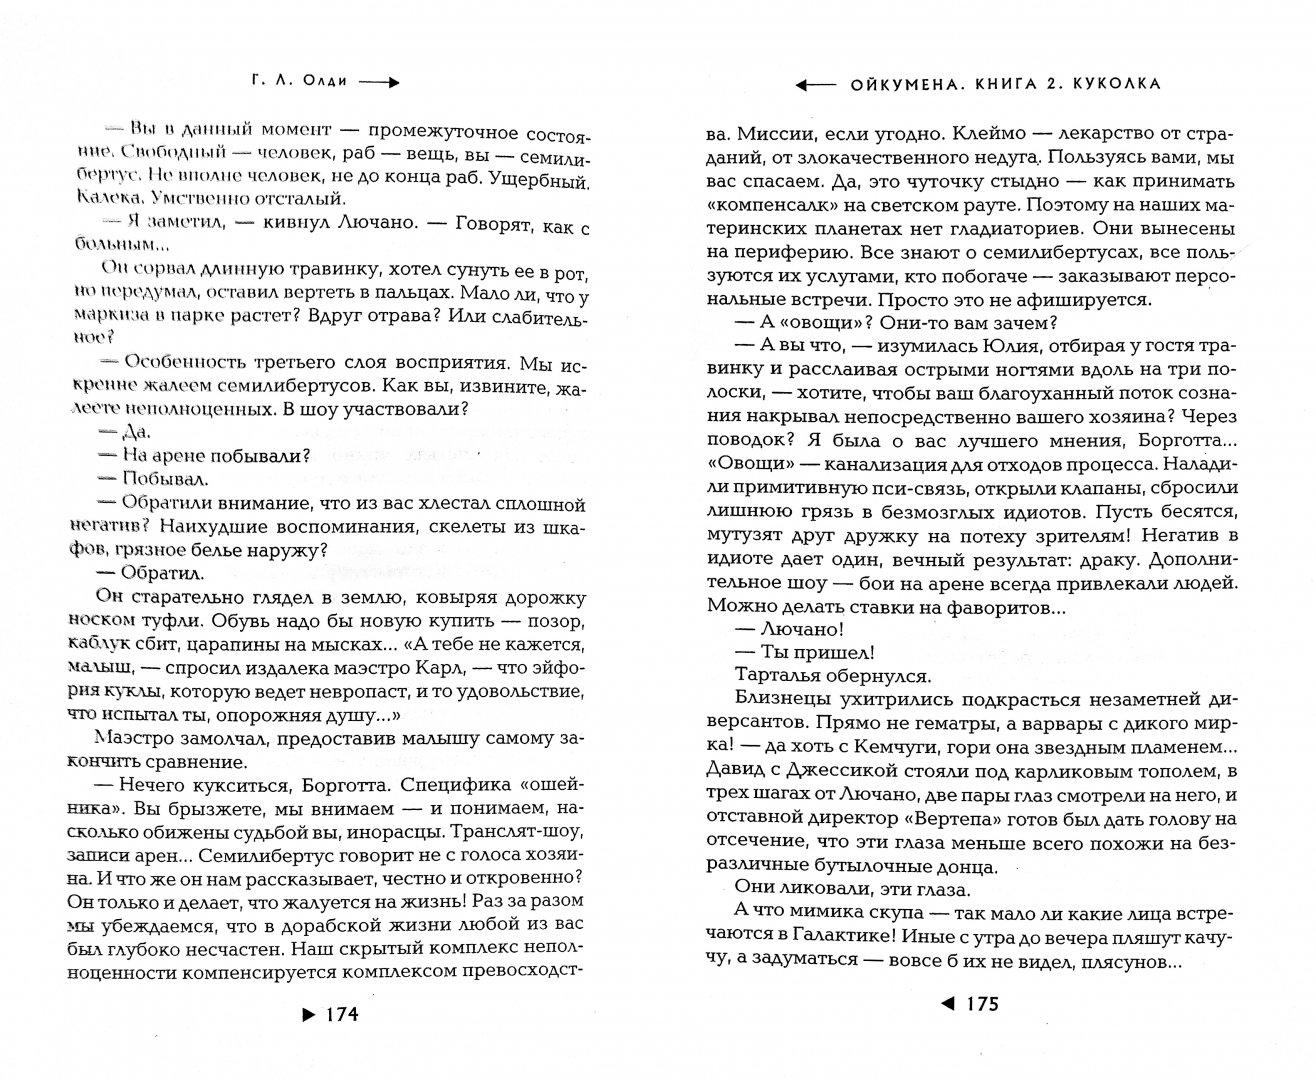 Иллюстрация 1 из 5 для Ойкумена. Книга вторая. Куколка - Генри Олди | Лабиринт - книги. Источник: Лабиринт